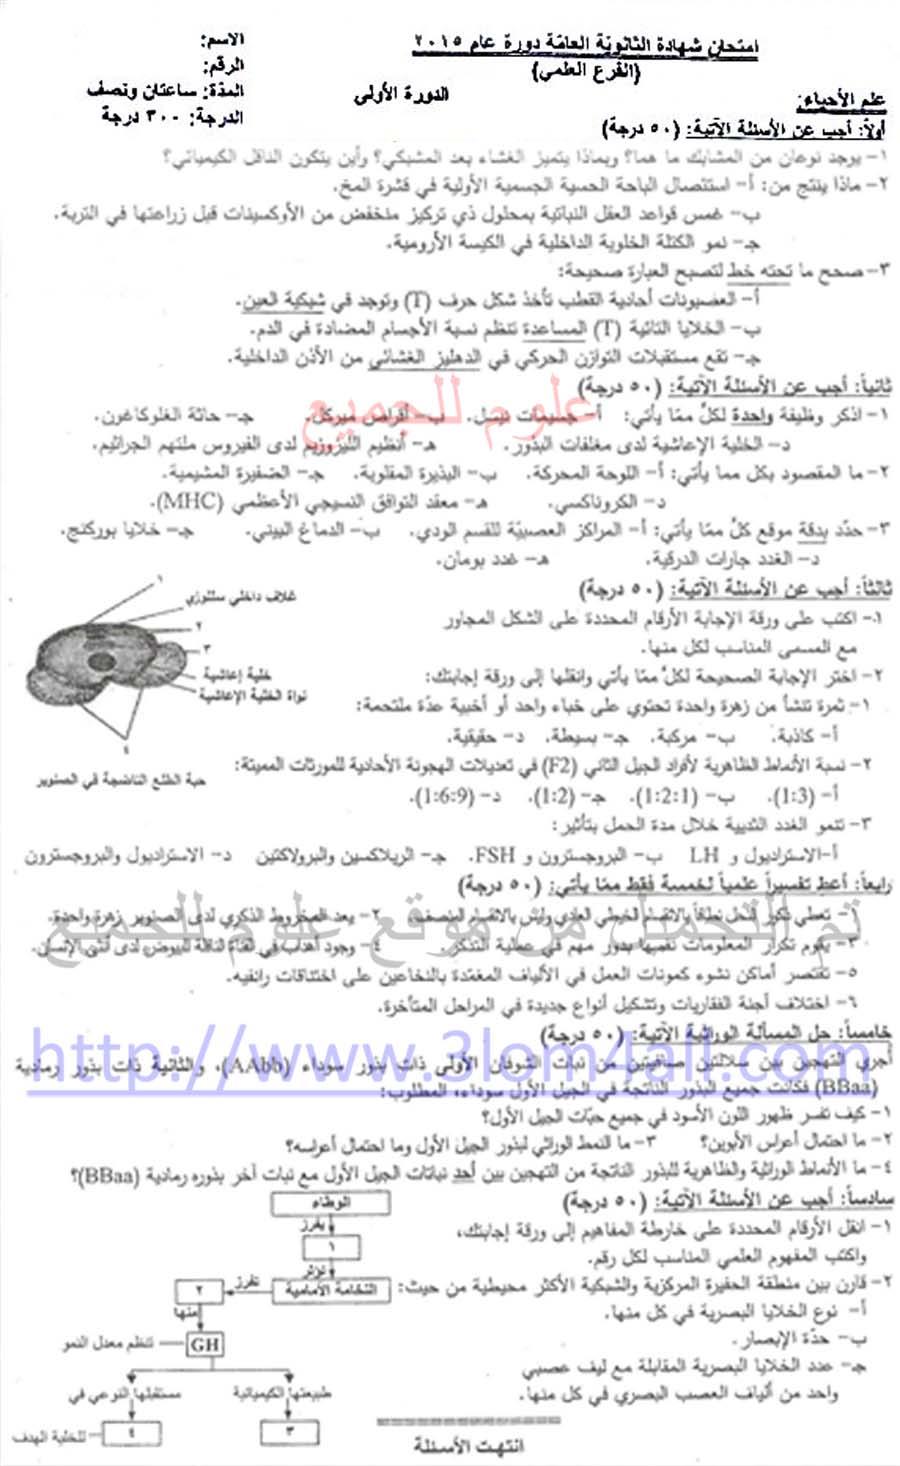 اسئلة امتحان مادة العلوم بكالوريا  سوريا الفرع العلمي ورقة الامتحان 14643688831.jpeg